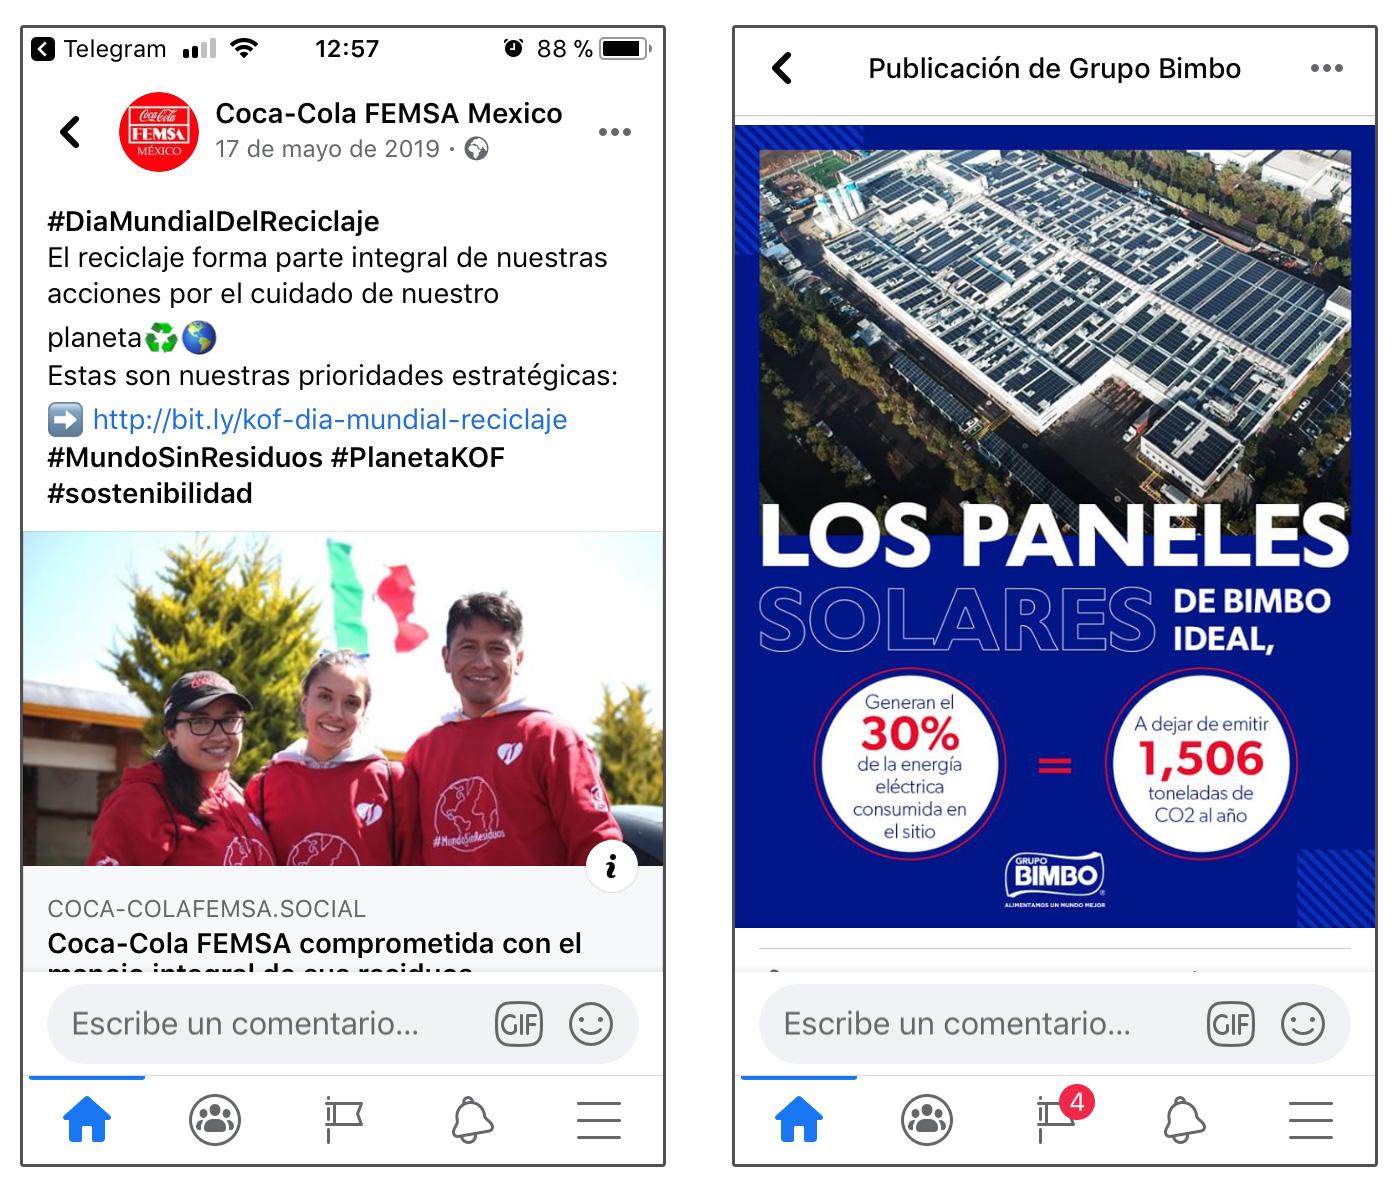 humanizacion-marca-social-responsability-brand-fmb-mexico-agencia-mkt-2020